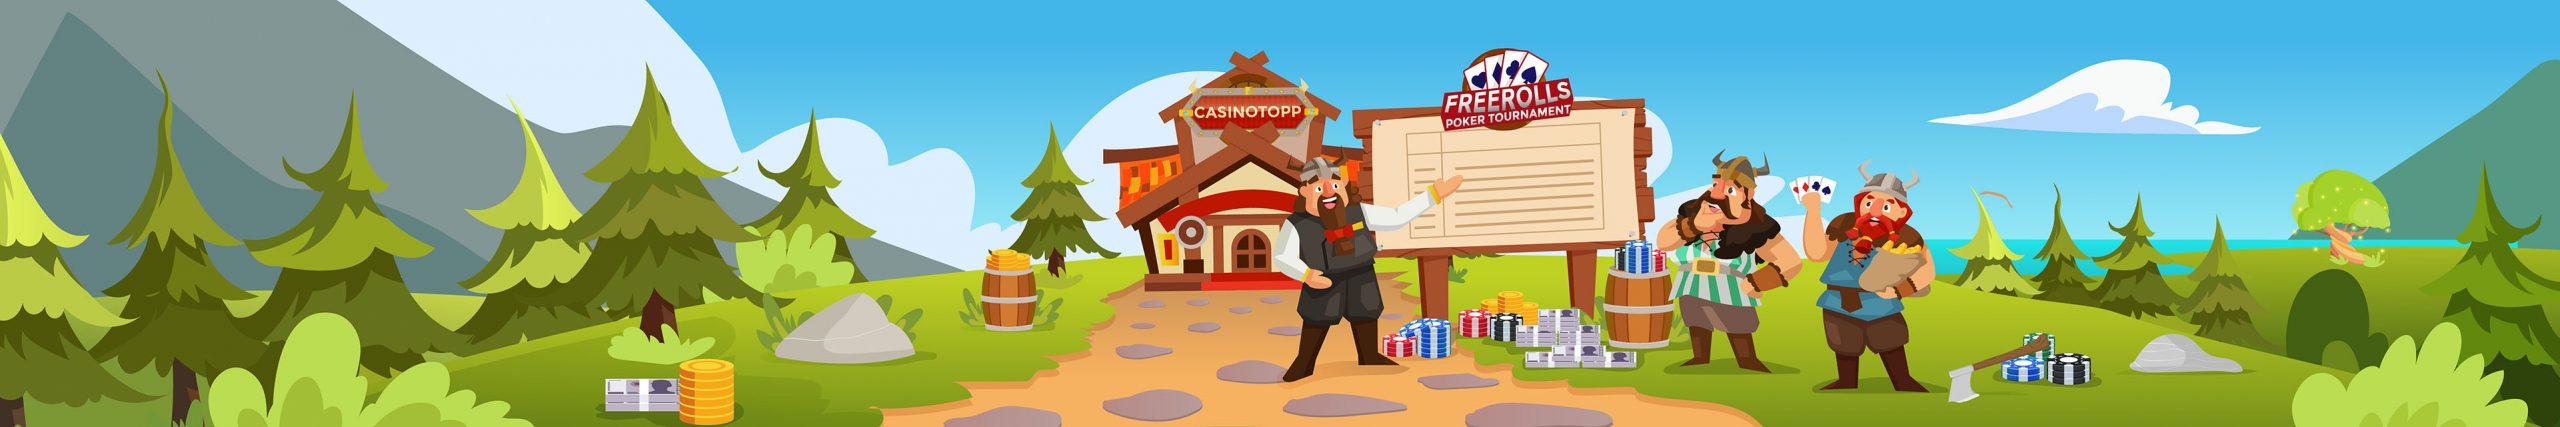 Televega online casino